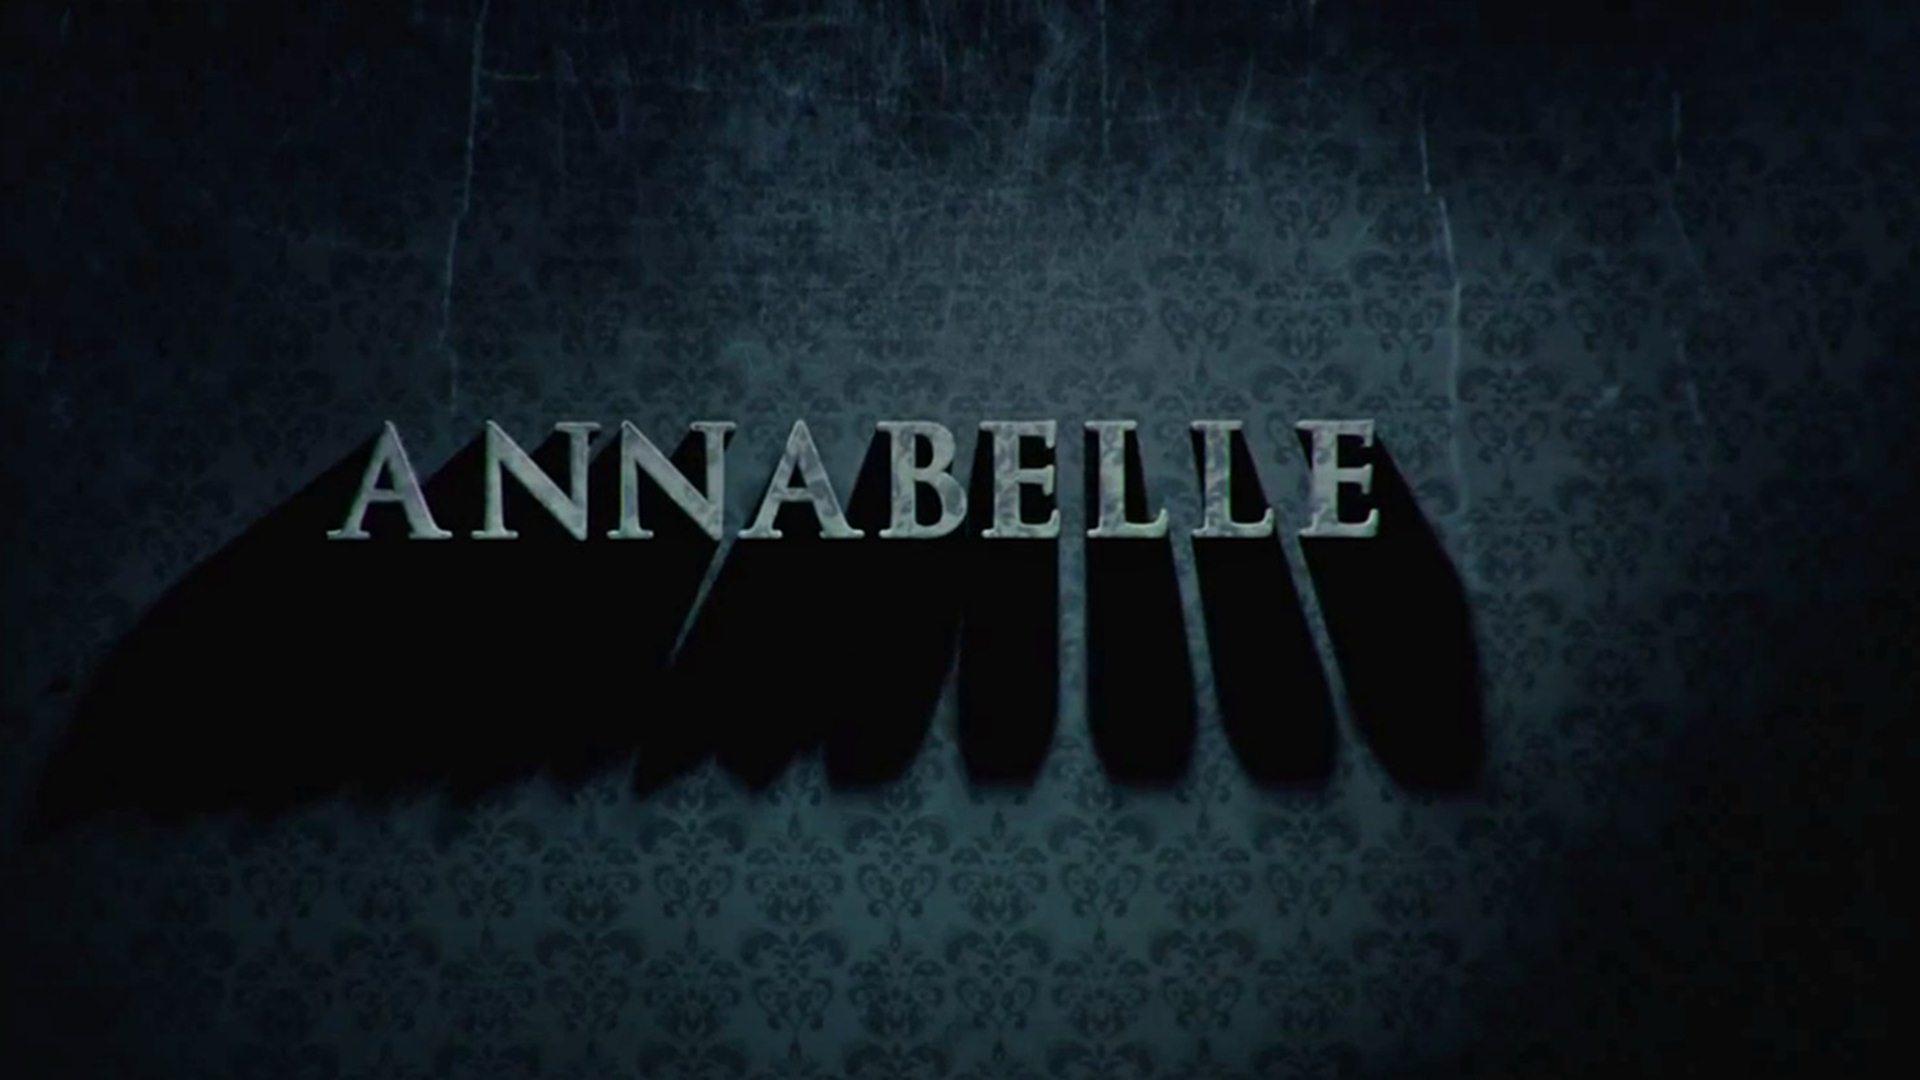 annabelle01